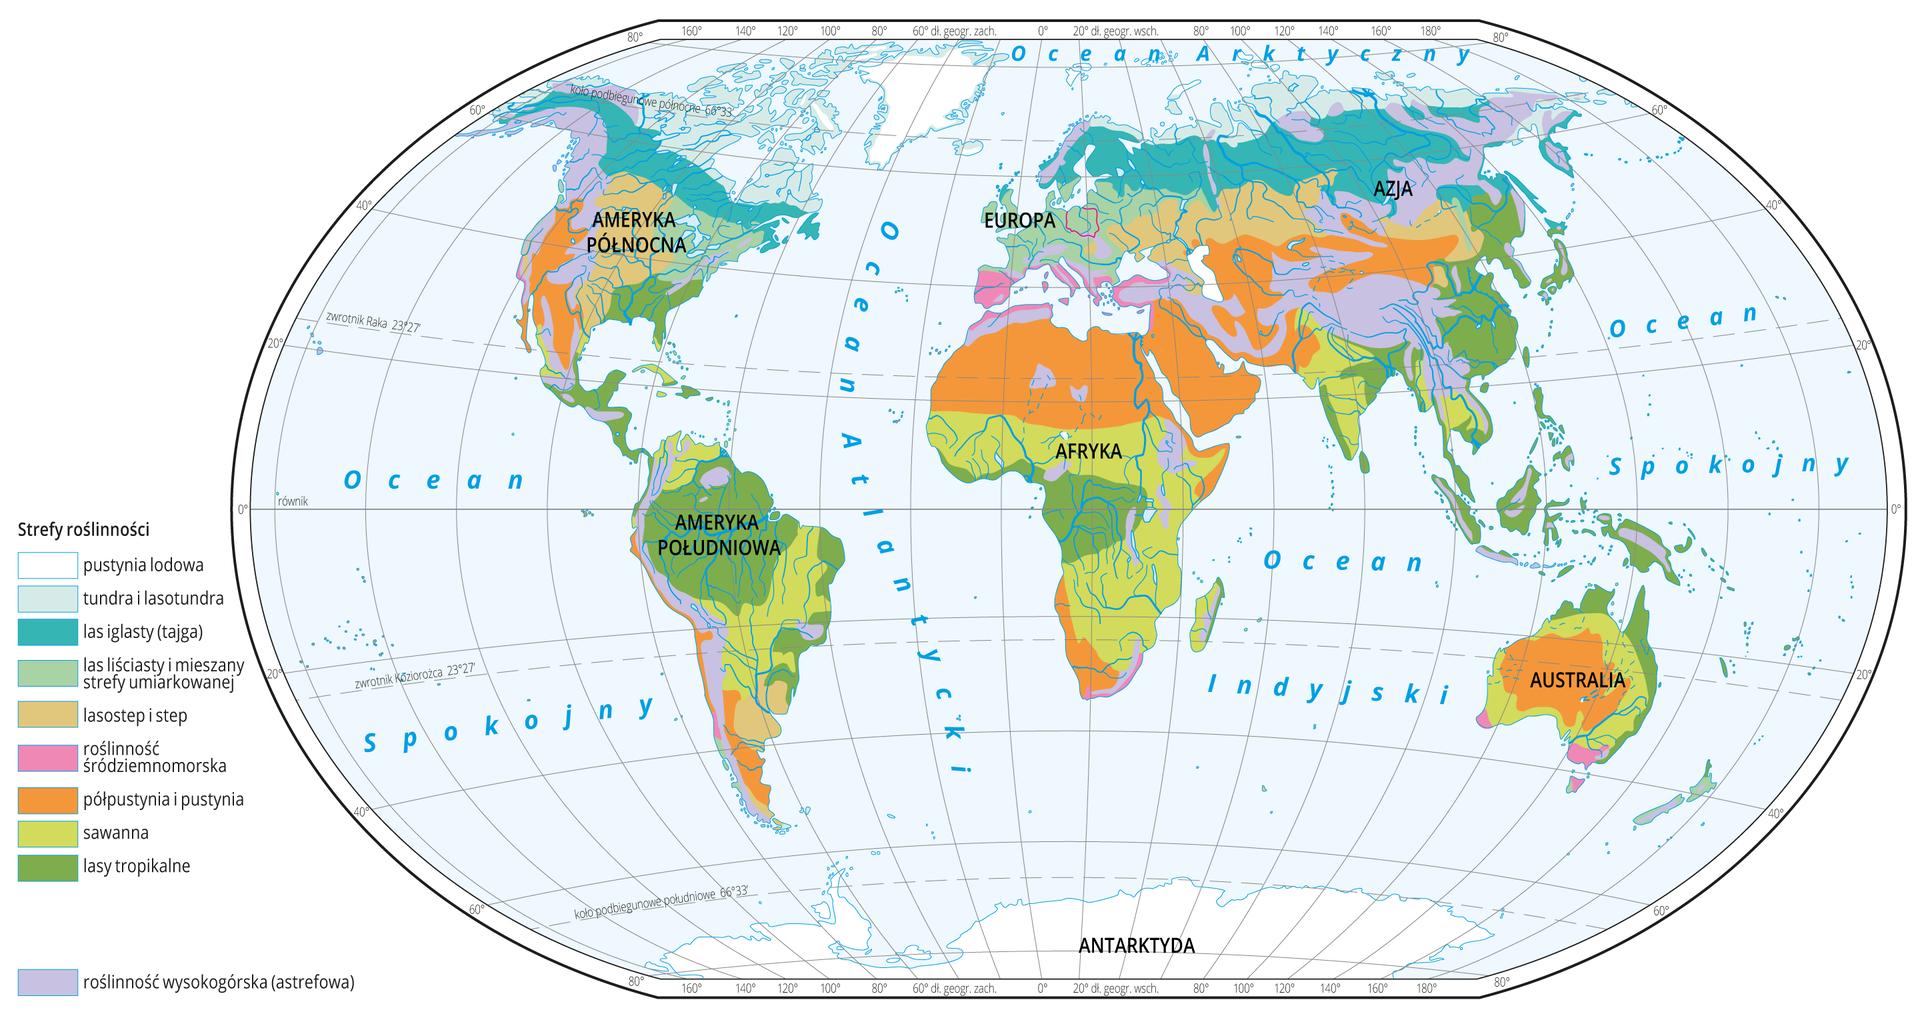 Ilustracja przestawia mapę świata. Kolorami według legendy zlewej zaznaczono na niej biomy, czyli strefy roślinności.